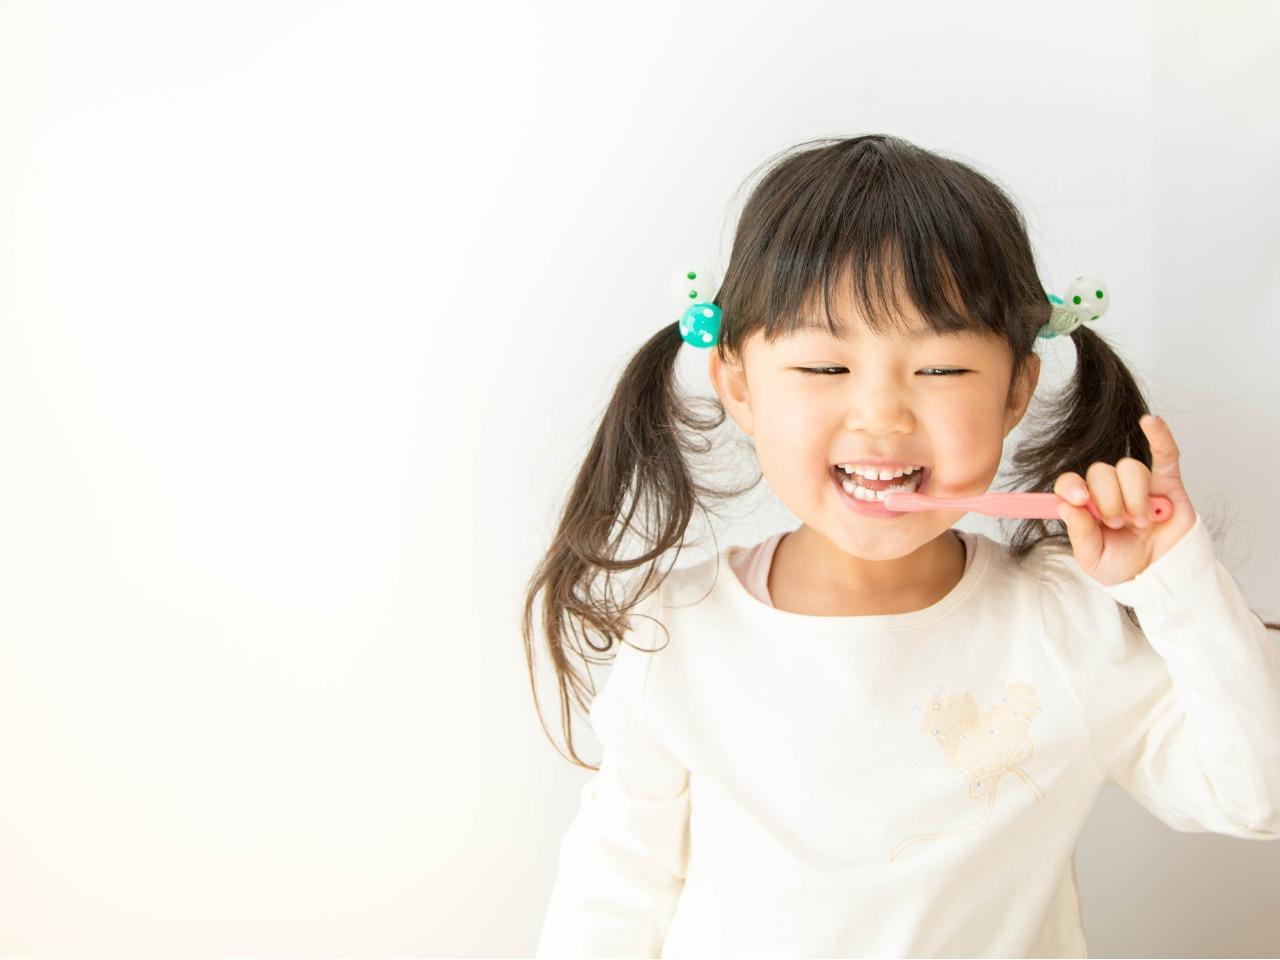 小児の矯正治療 咬合誘導